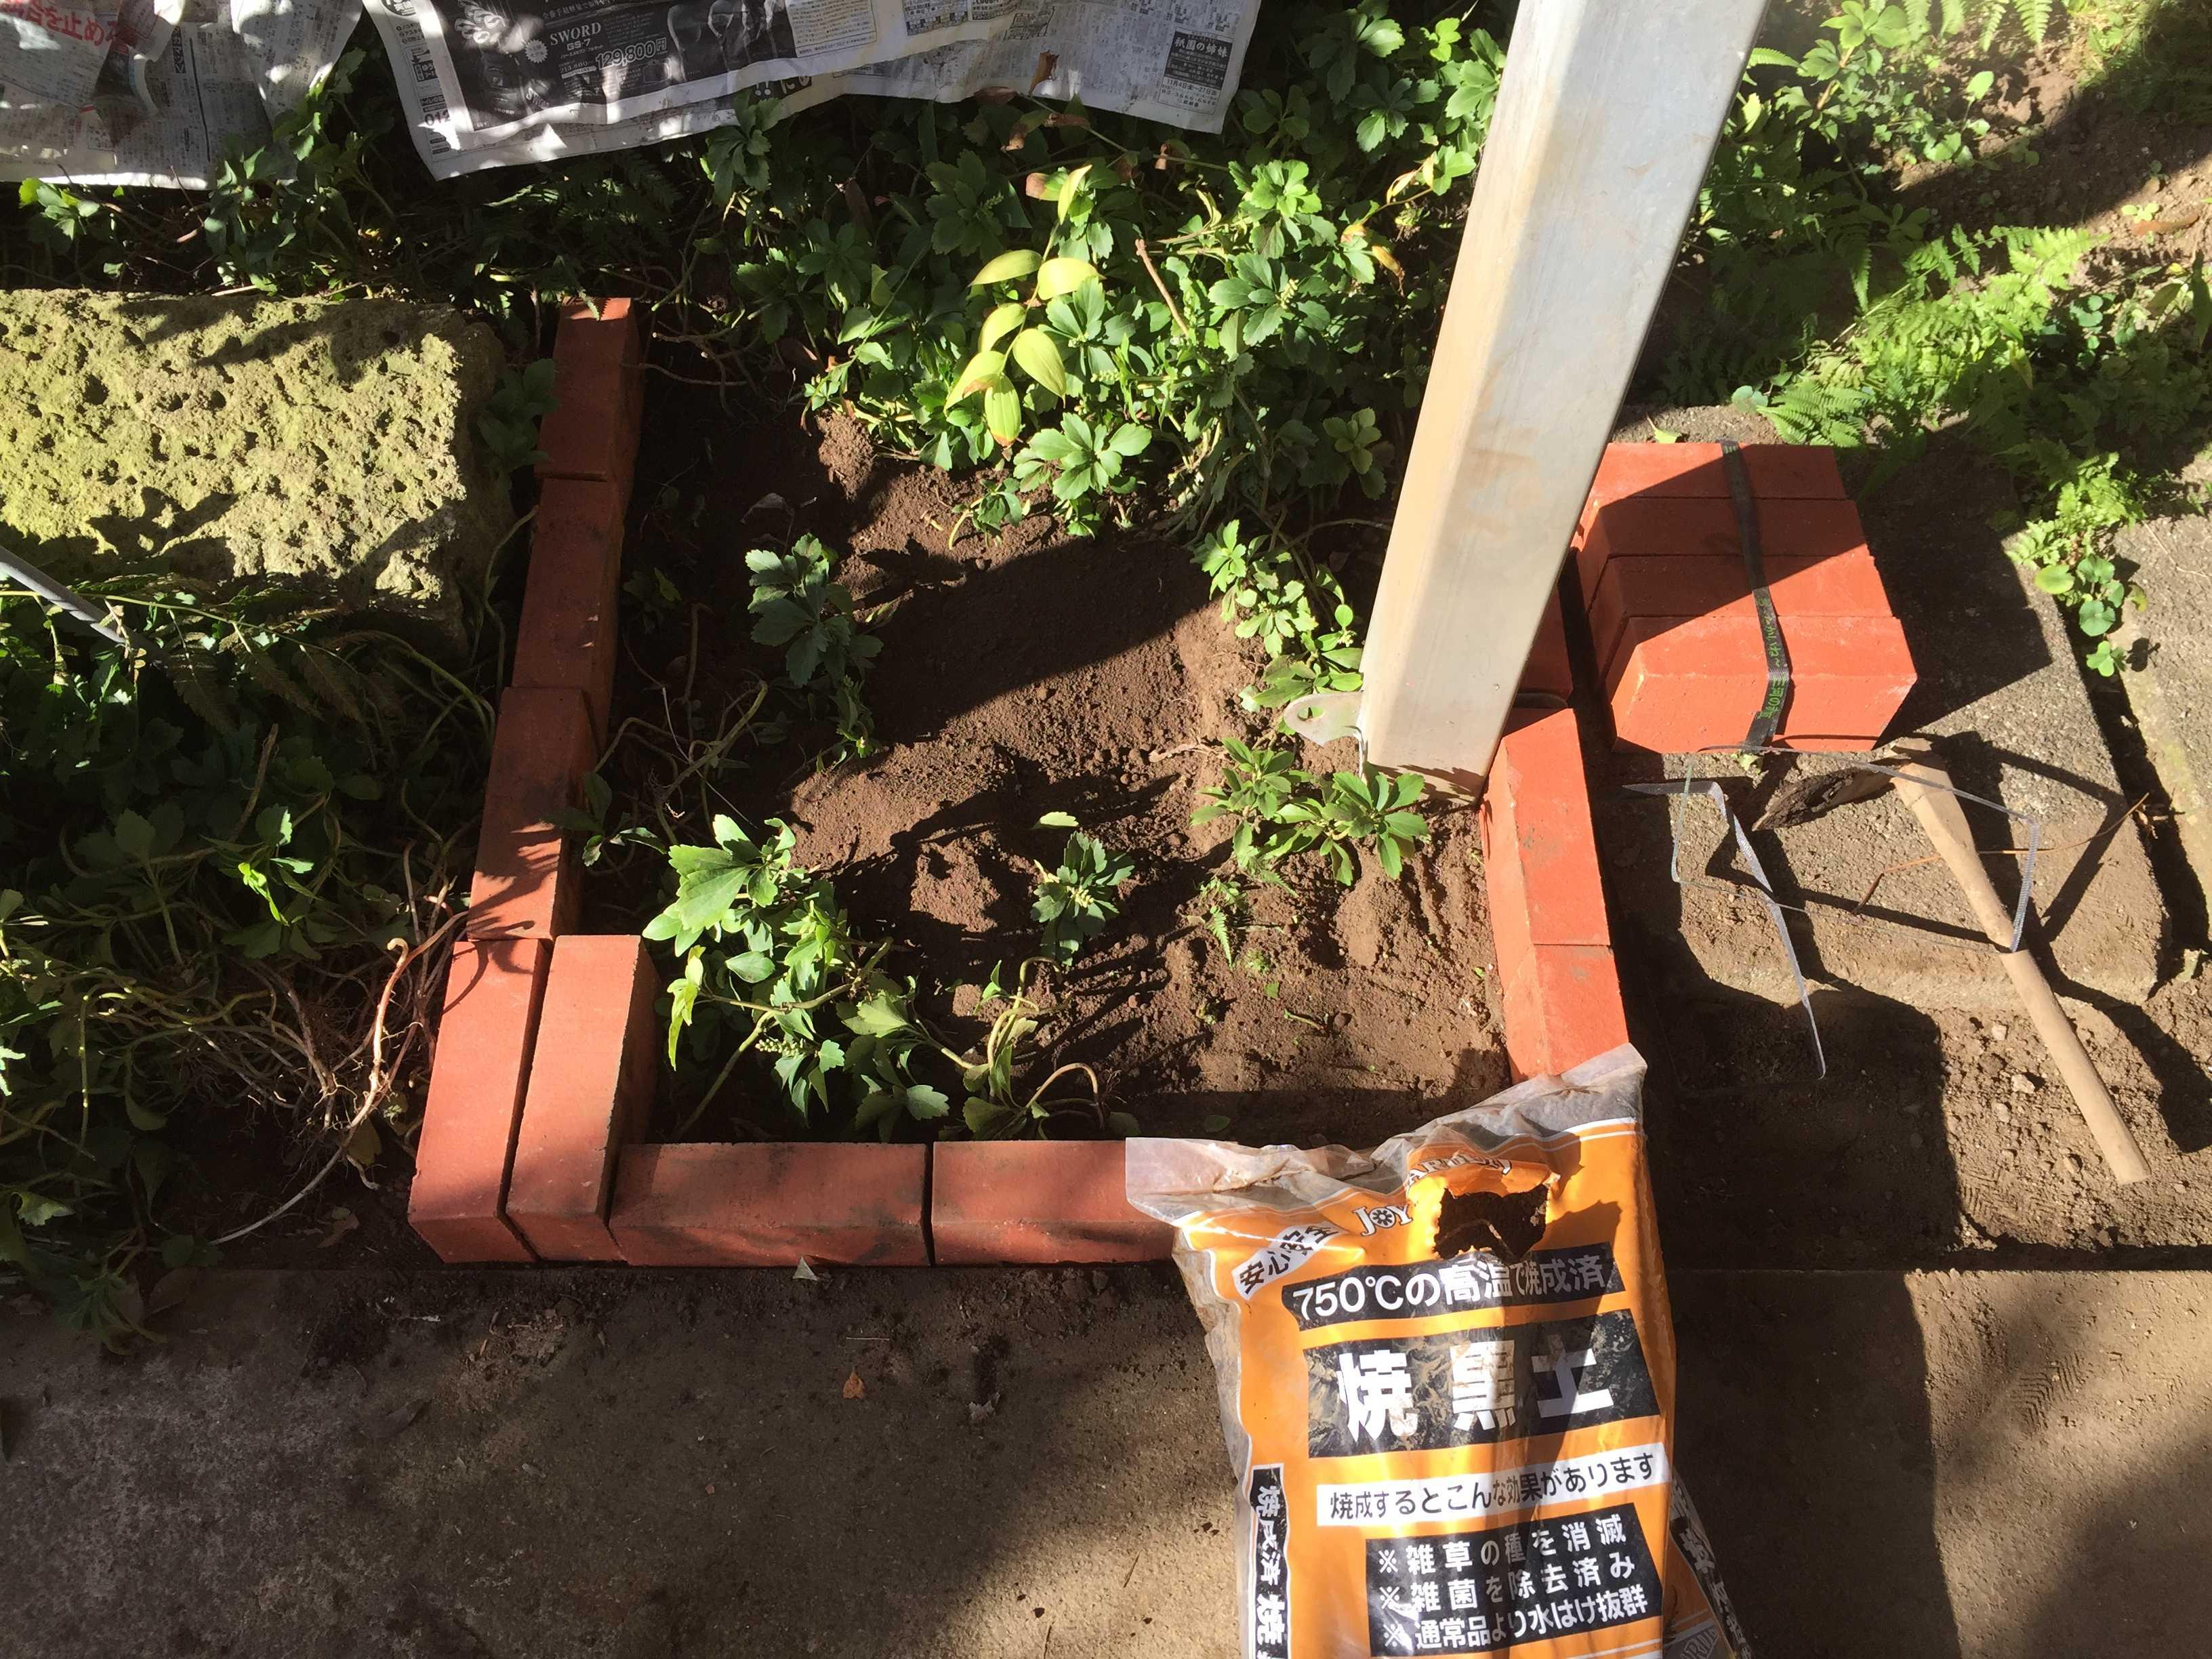 ヤマユリの球根を植え付けする場所